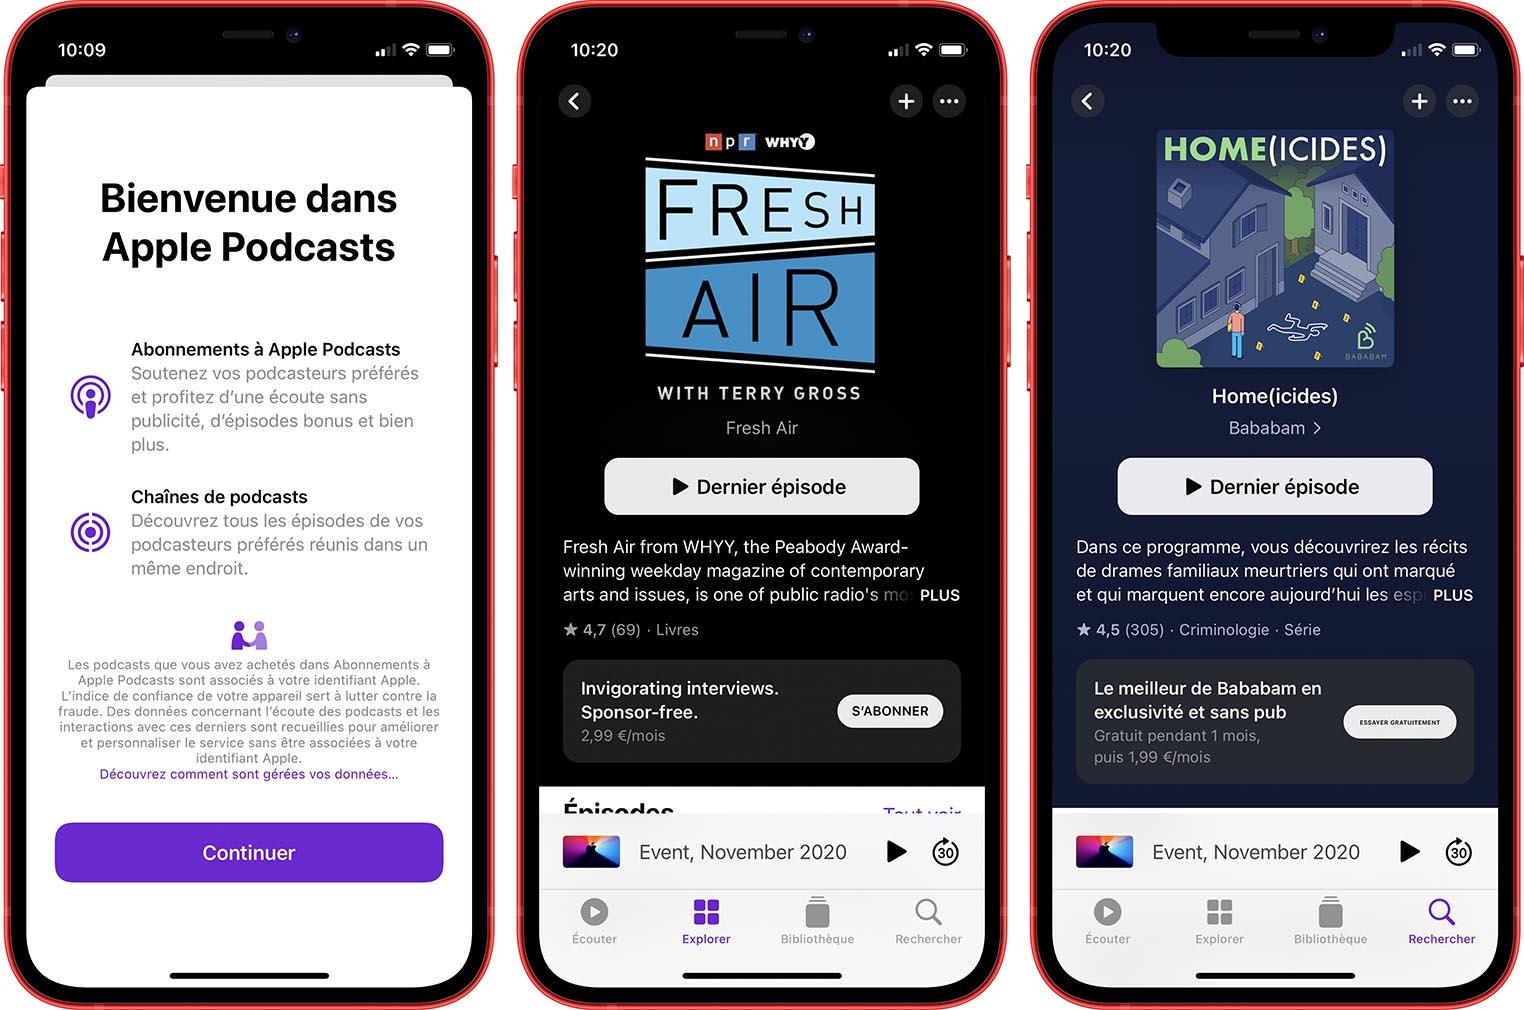 Abonnements Apple Podcasts